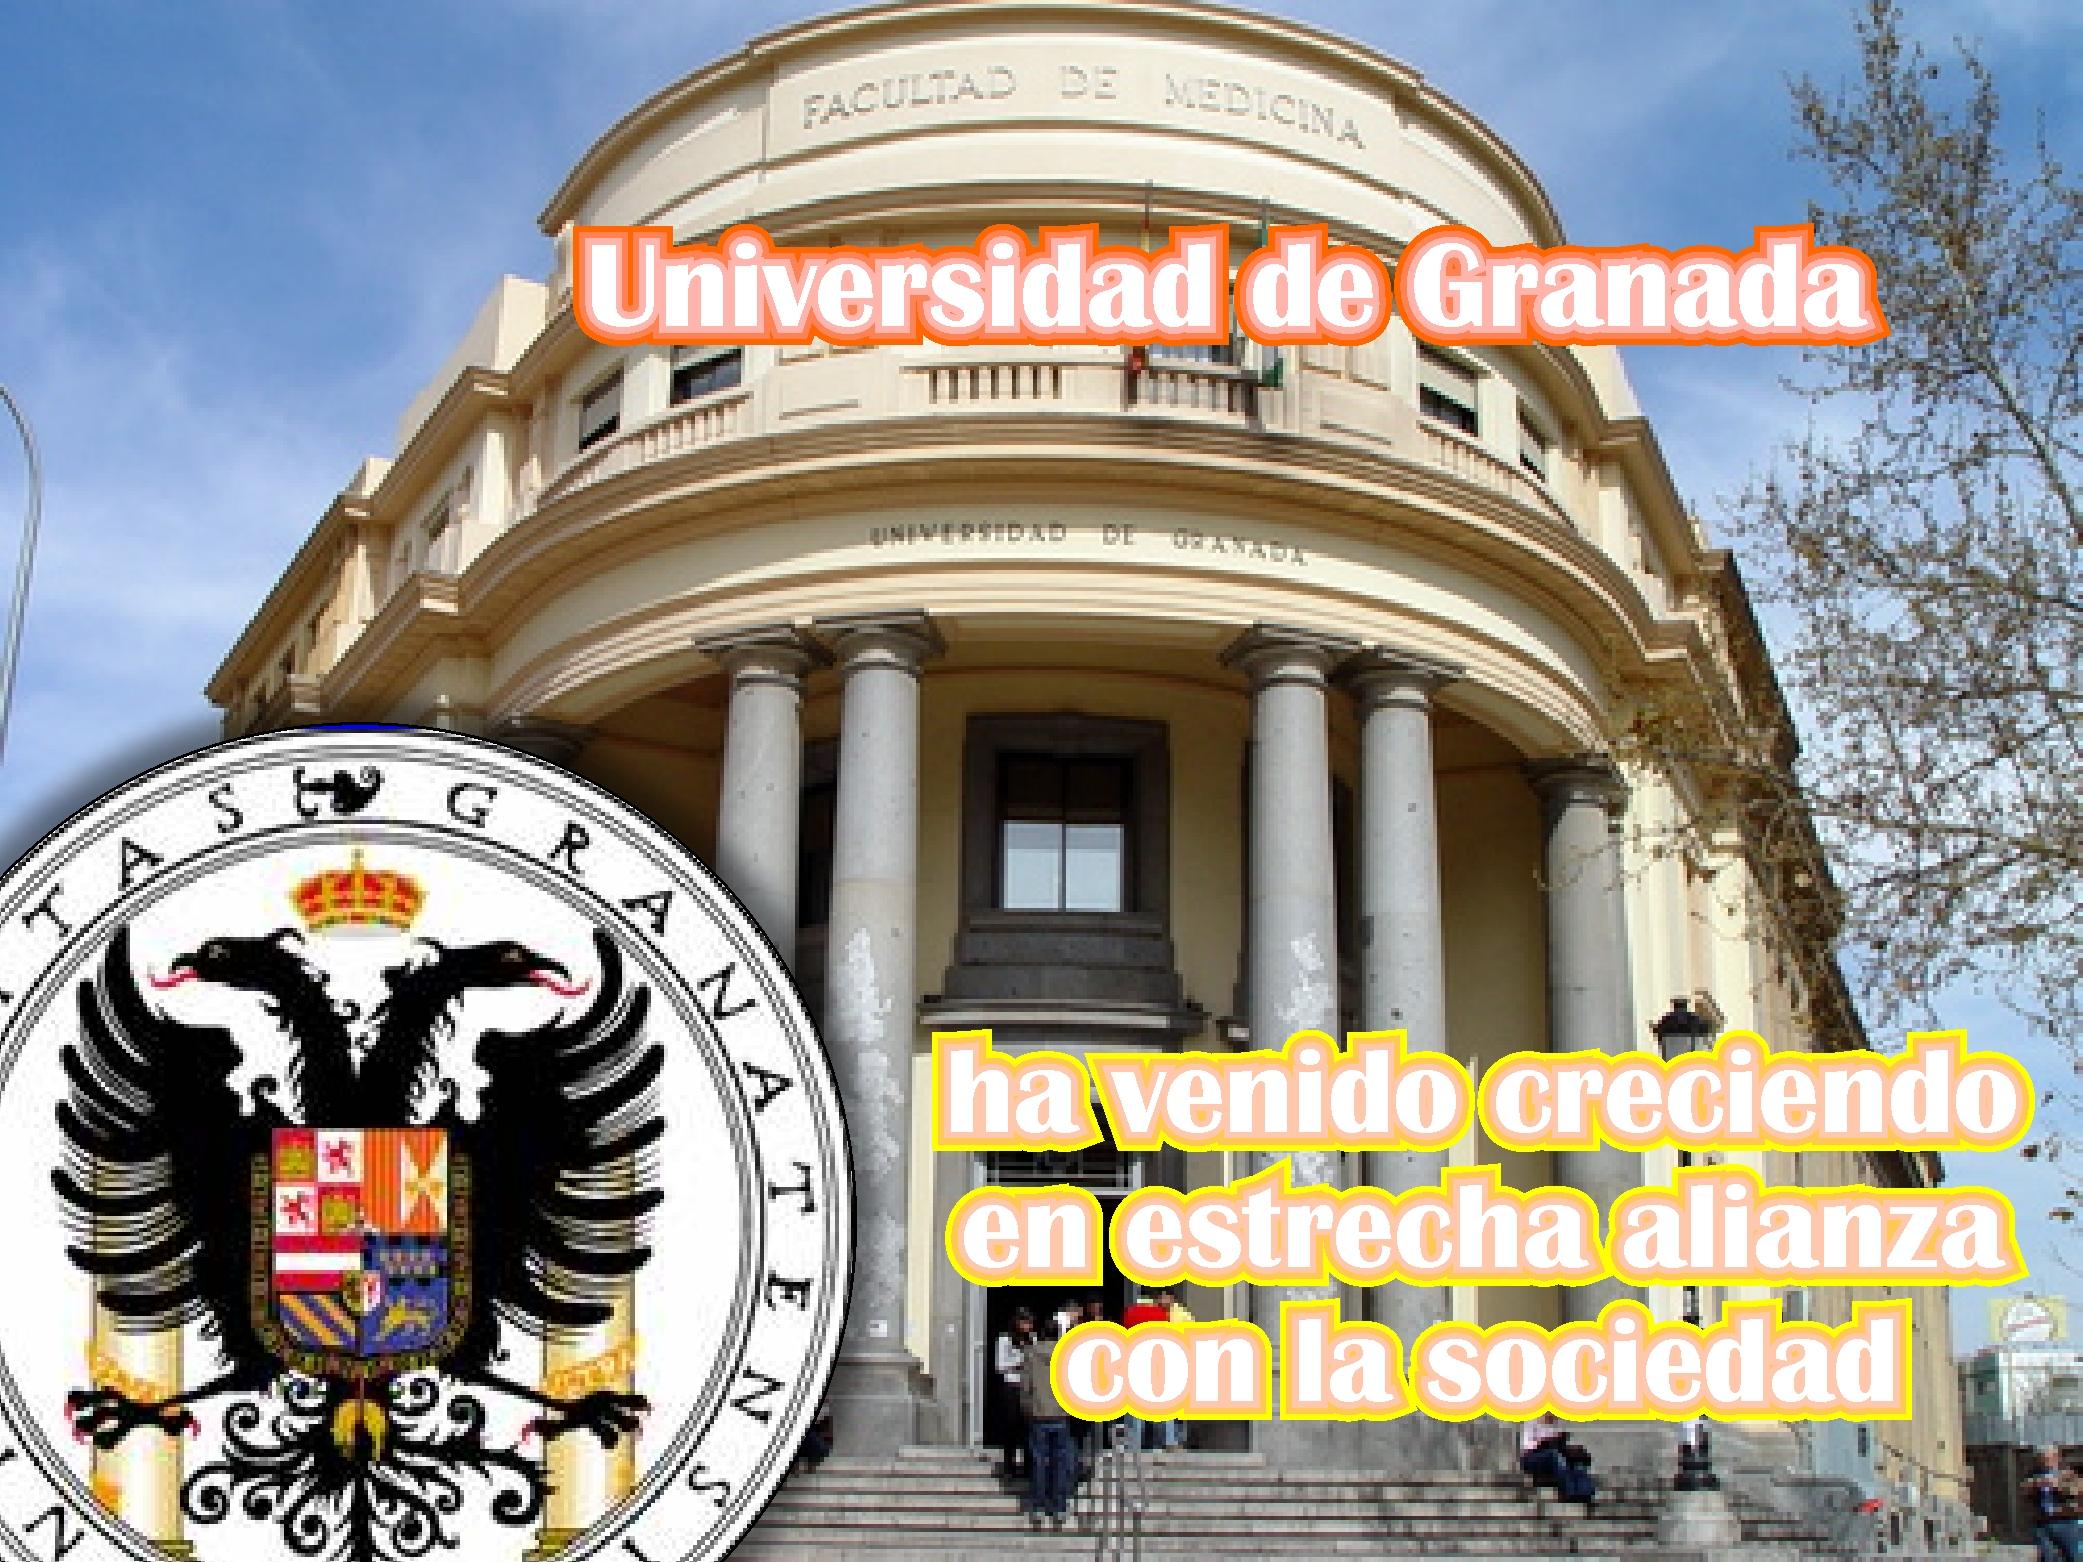 Universidad de Granada, ha venido creciendo en estrecha alianza con la sociedad